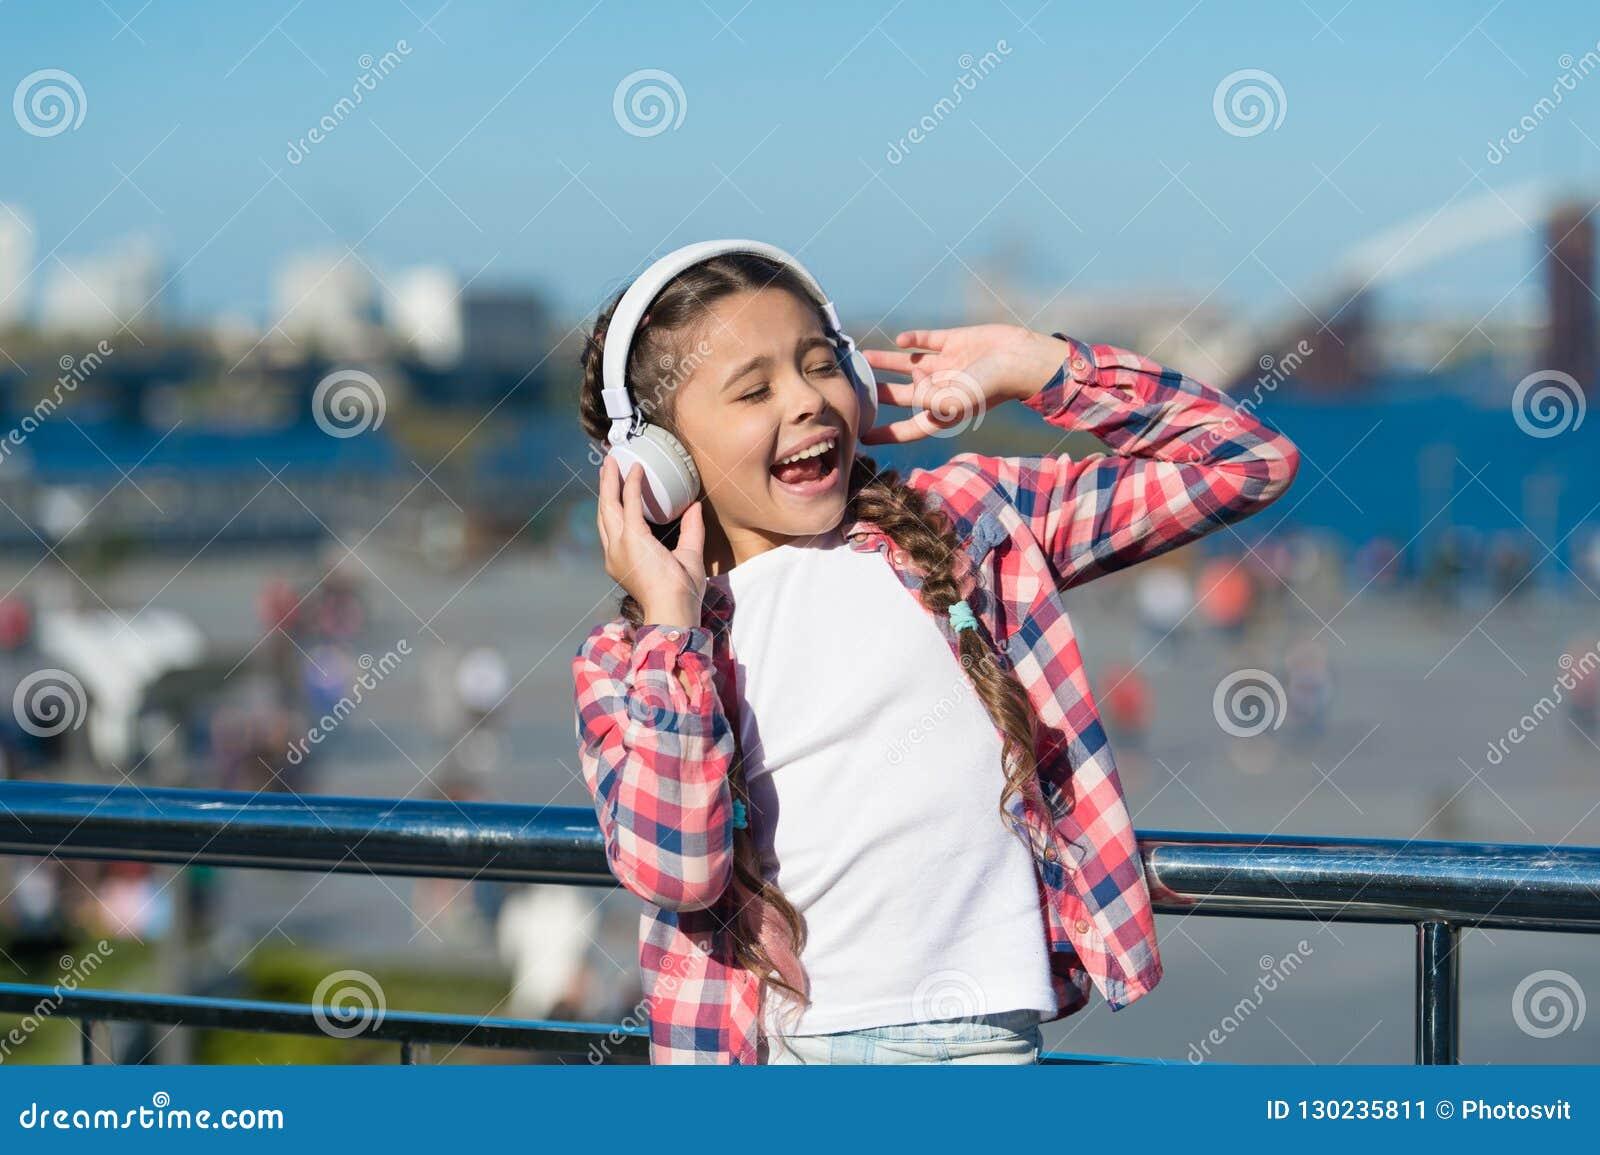 Получите подписку семьи музыки Доступ к миллионам песен Насладитесь музыкой везде Самые лучшие приложения музыки которые заслужив